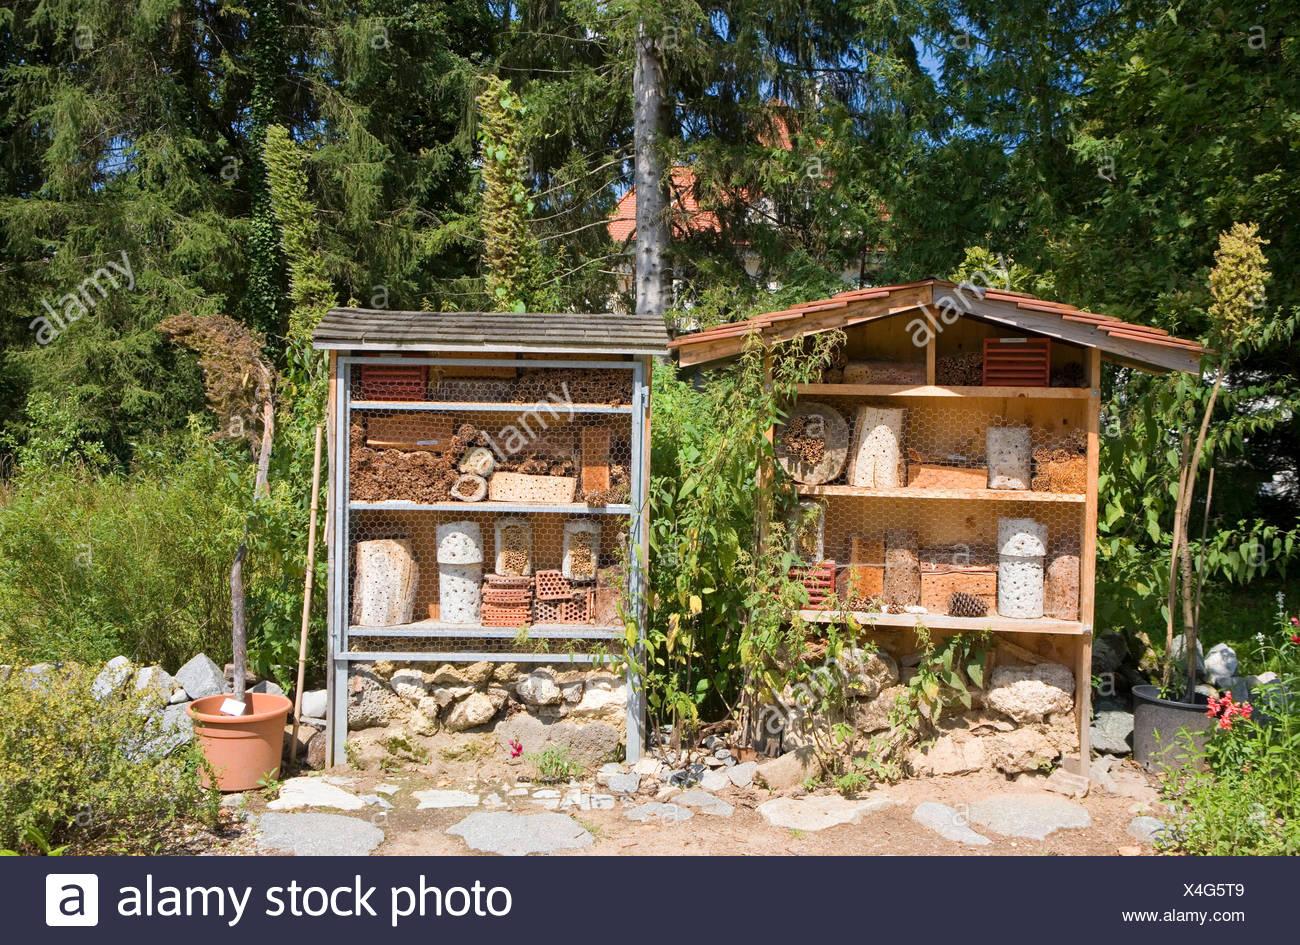 Botanischer Garten München-nymphenburg (Botanischer Garten), Insekt hotel für vorteilhafte Organismus wie Wildbienen, Schmetterlinge, Marienkäfer Stockbild